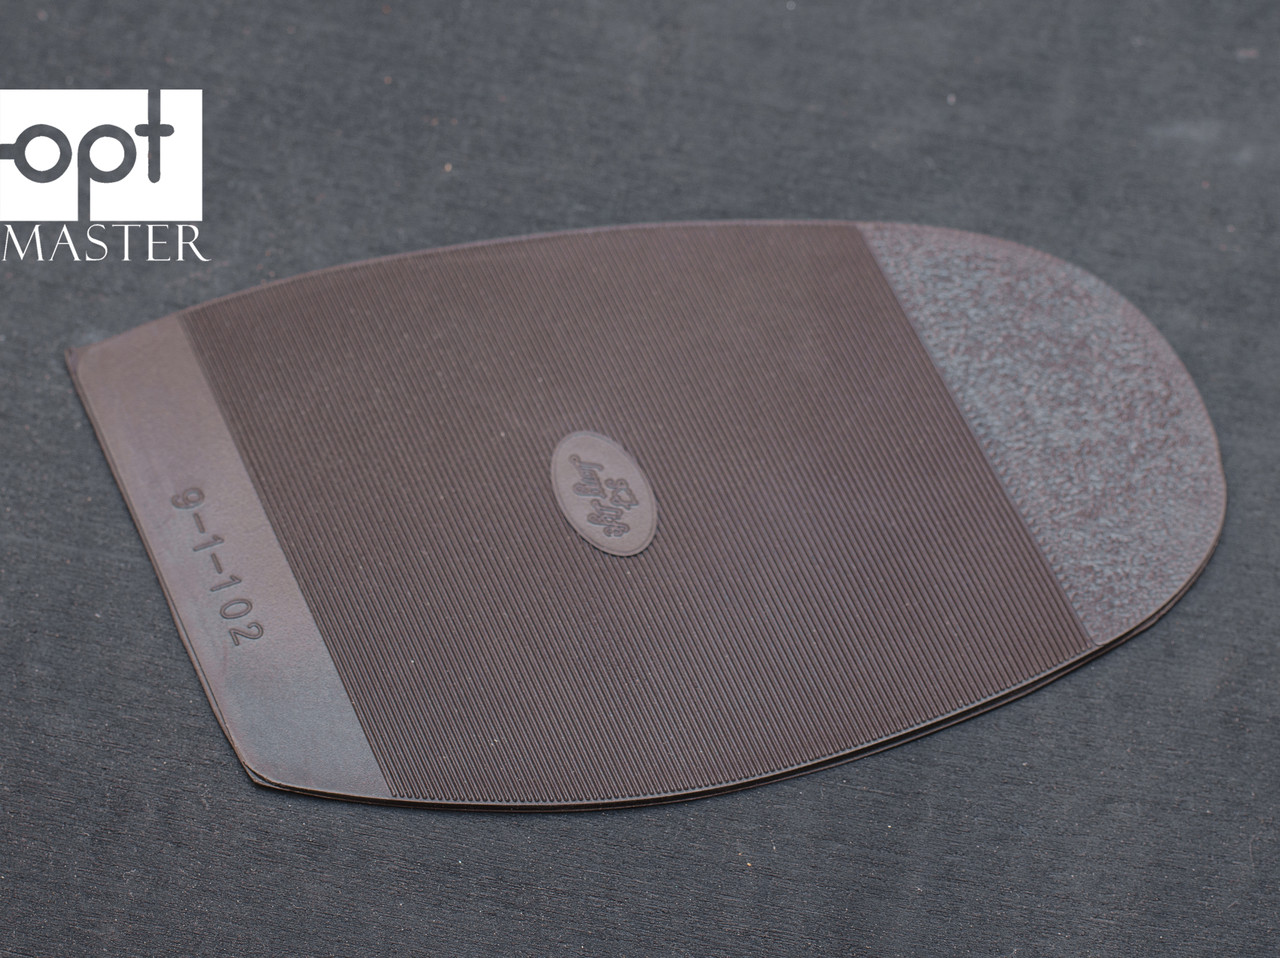 Подметка резиновая LONG LIFE (Китай), р.H2, цв. коричневый, т.2.5 мм